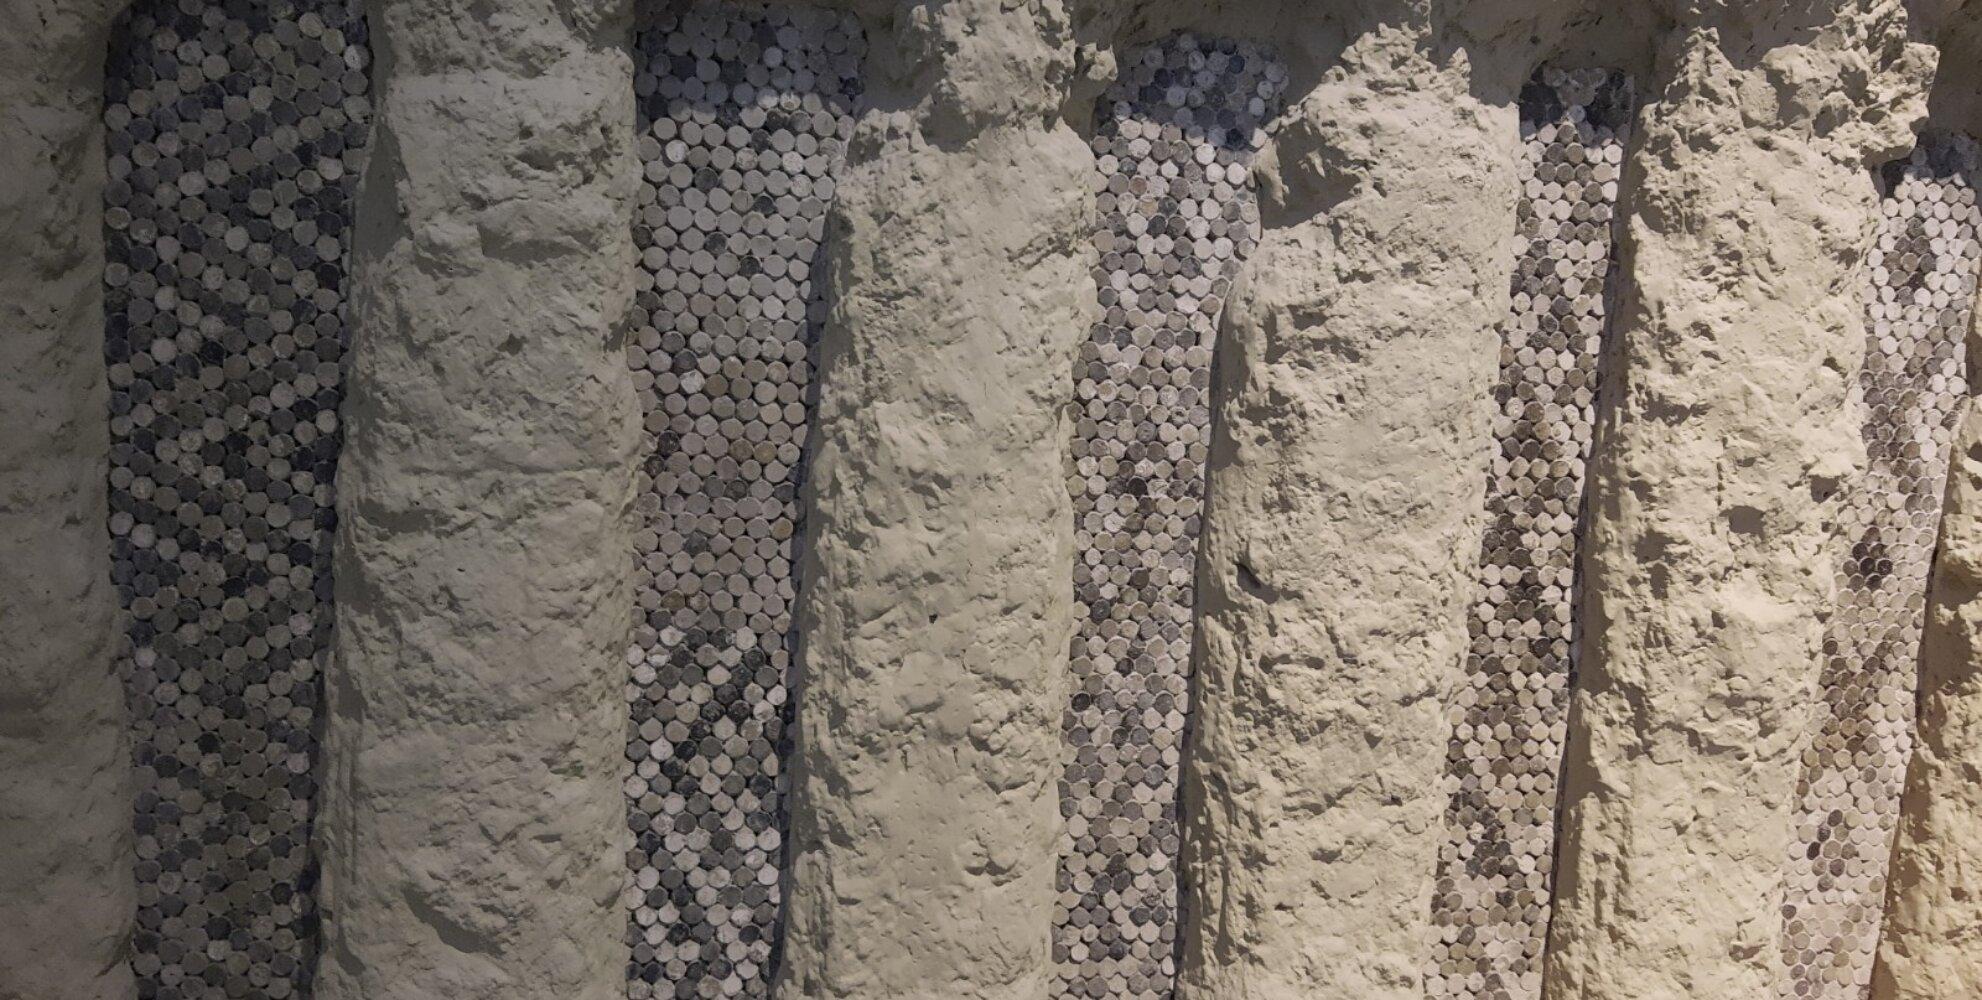 Stiftmosaikfassaden der Tempelanlage Inanna Uruk/Warka [Irak] aus der 2. Hälfte des 4. Jahrhunderts v. Chr.  Zu sehen ist ein Teil der Stiftmosaikfassade, die angeschlossen war an einen Empfangspalast.  Der zur kultischen Verehrung der Göttin Inanna diente. Die lehmverputzten Mauern wurden mit 10 cm Langen Tonstiften mit schwarz, rot und weißen Körpern zu geometrischen Mustern eingedrückt.